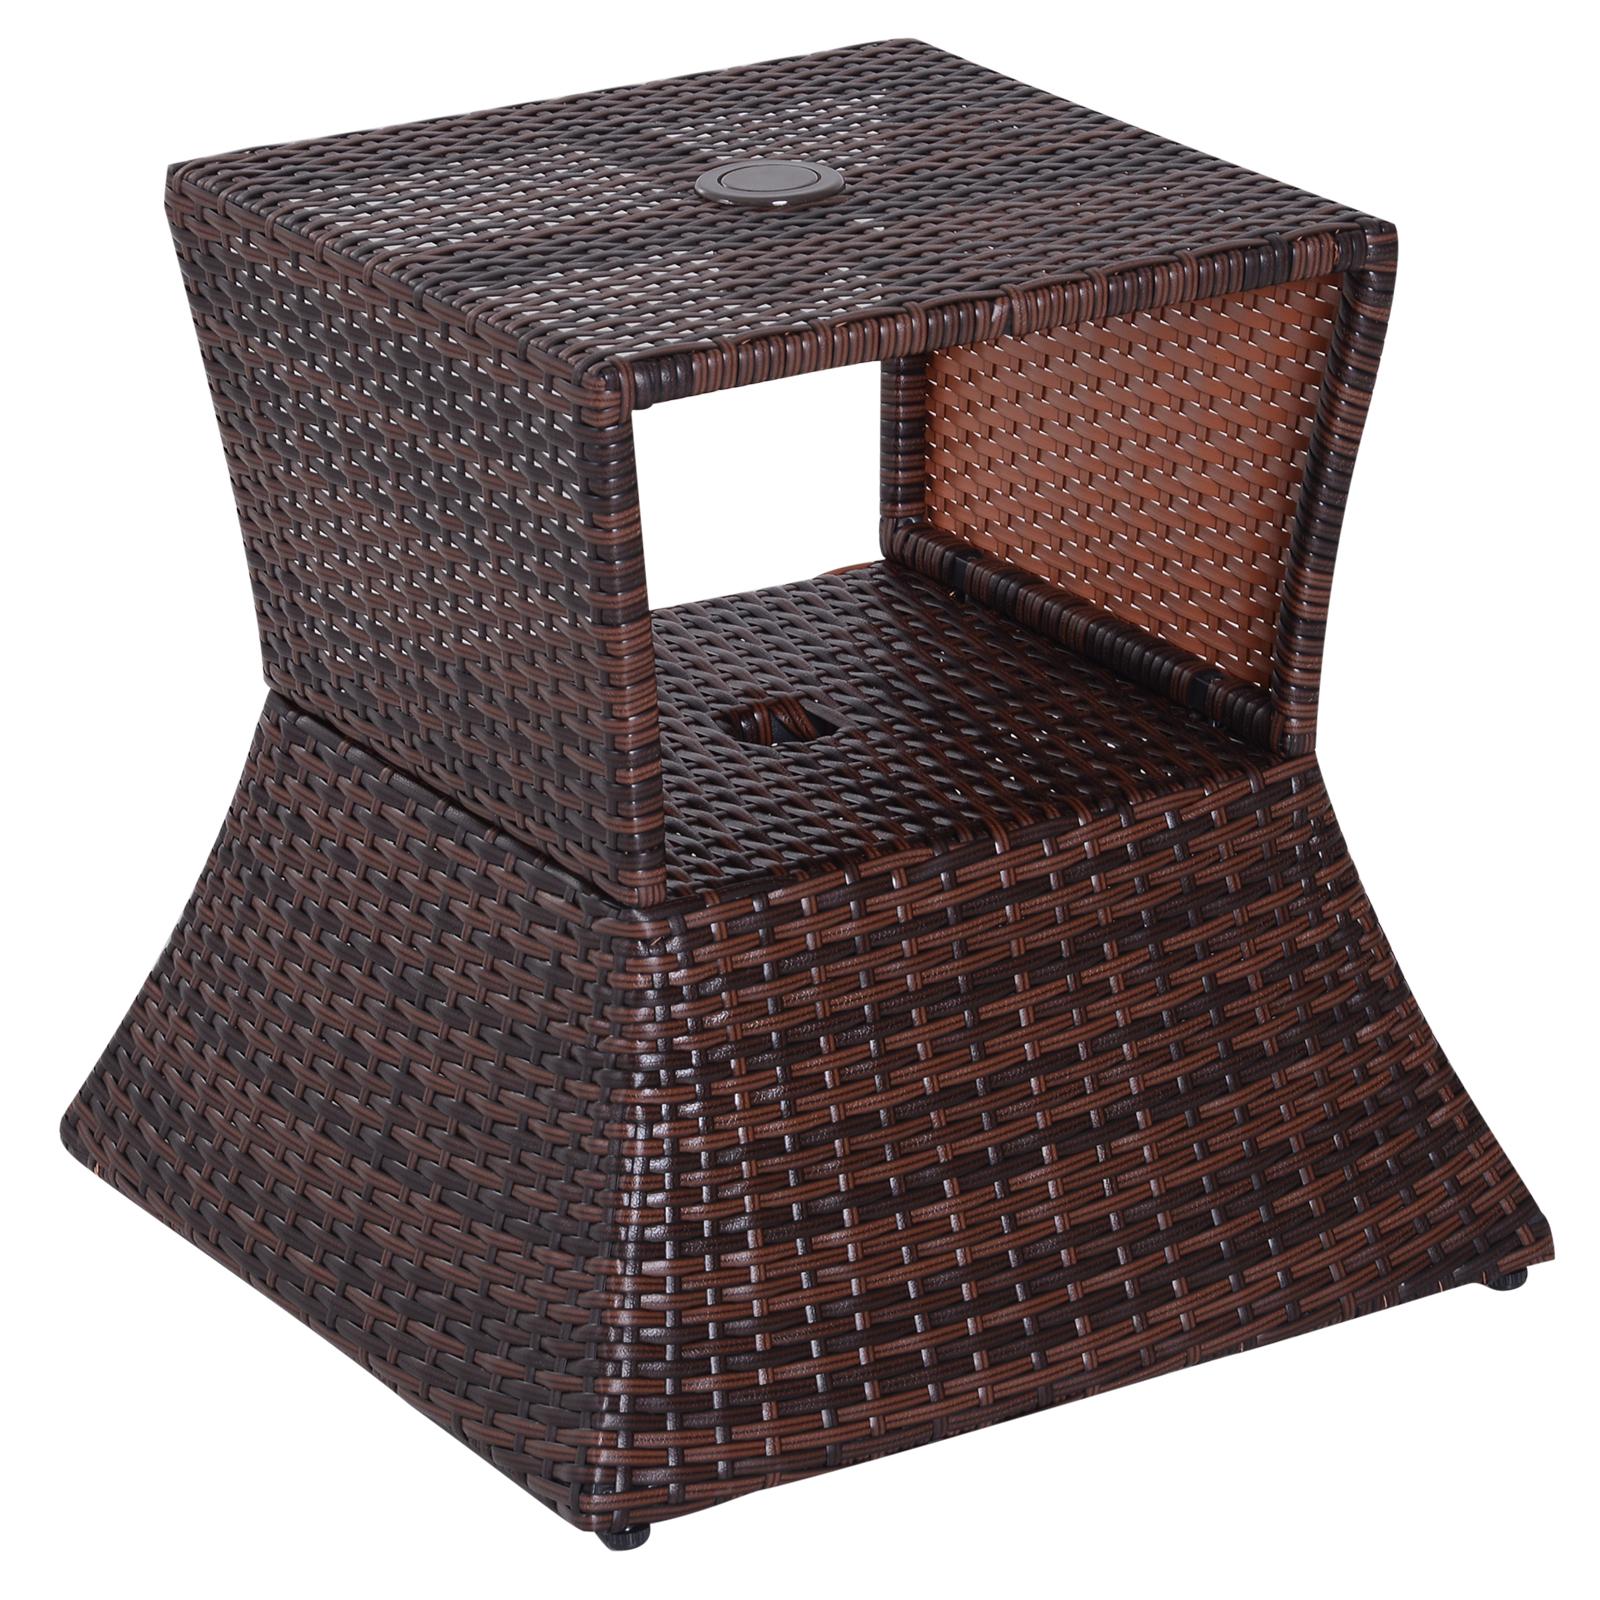 Pied de parasol table basse 2 en 1 résine tressée marron